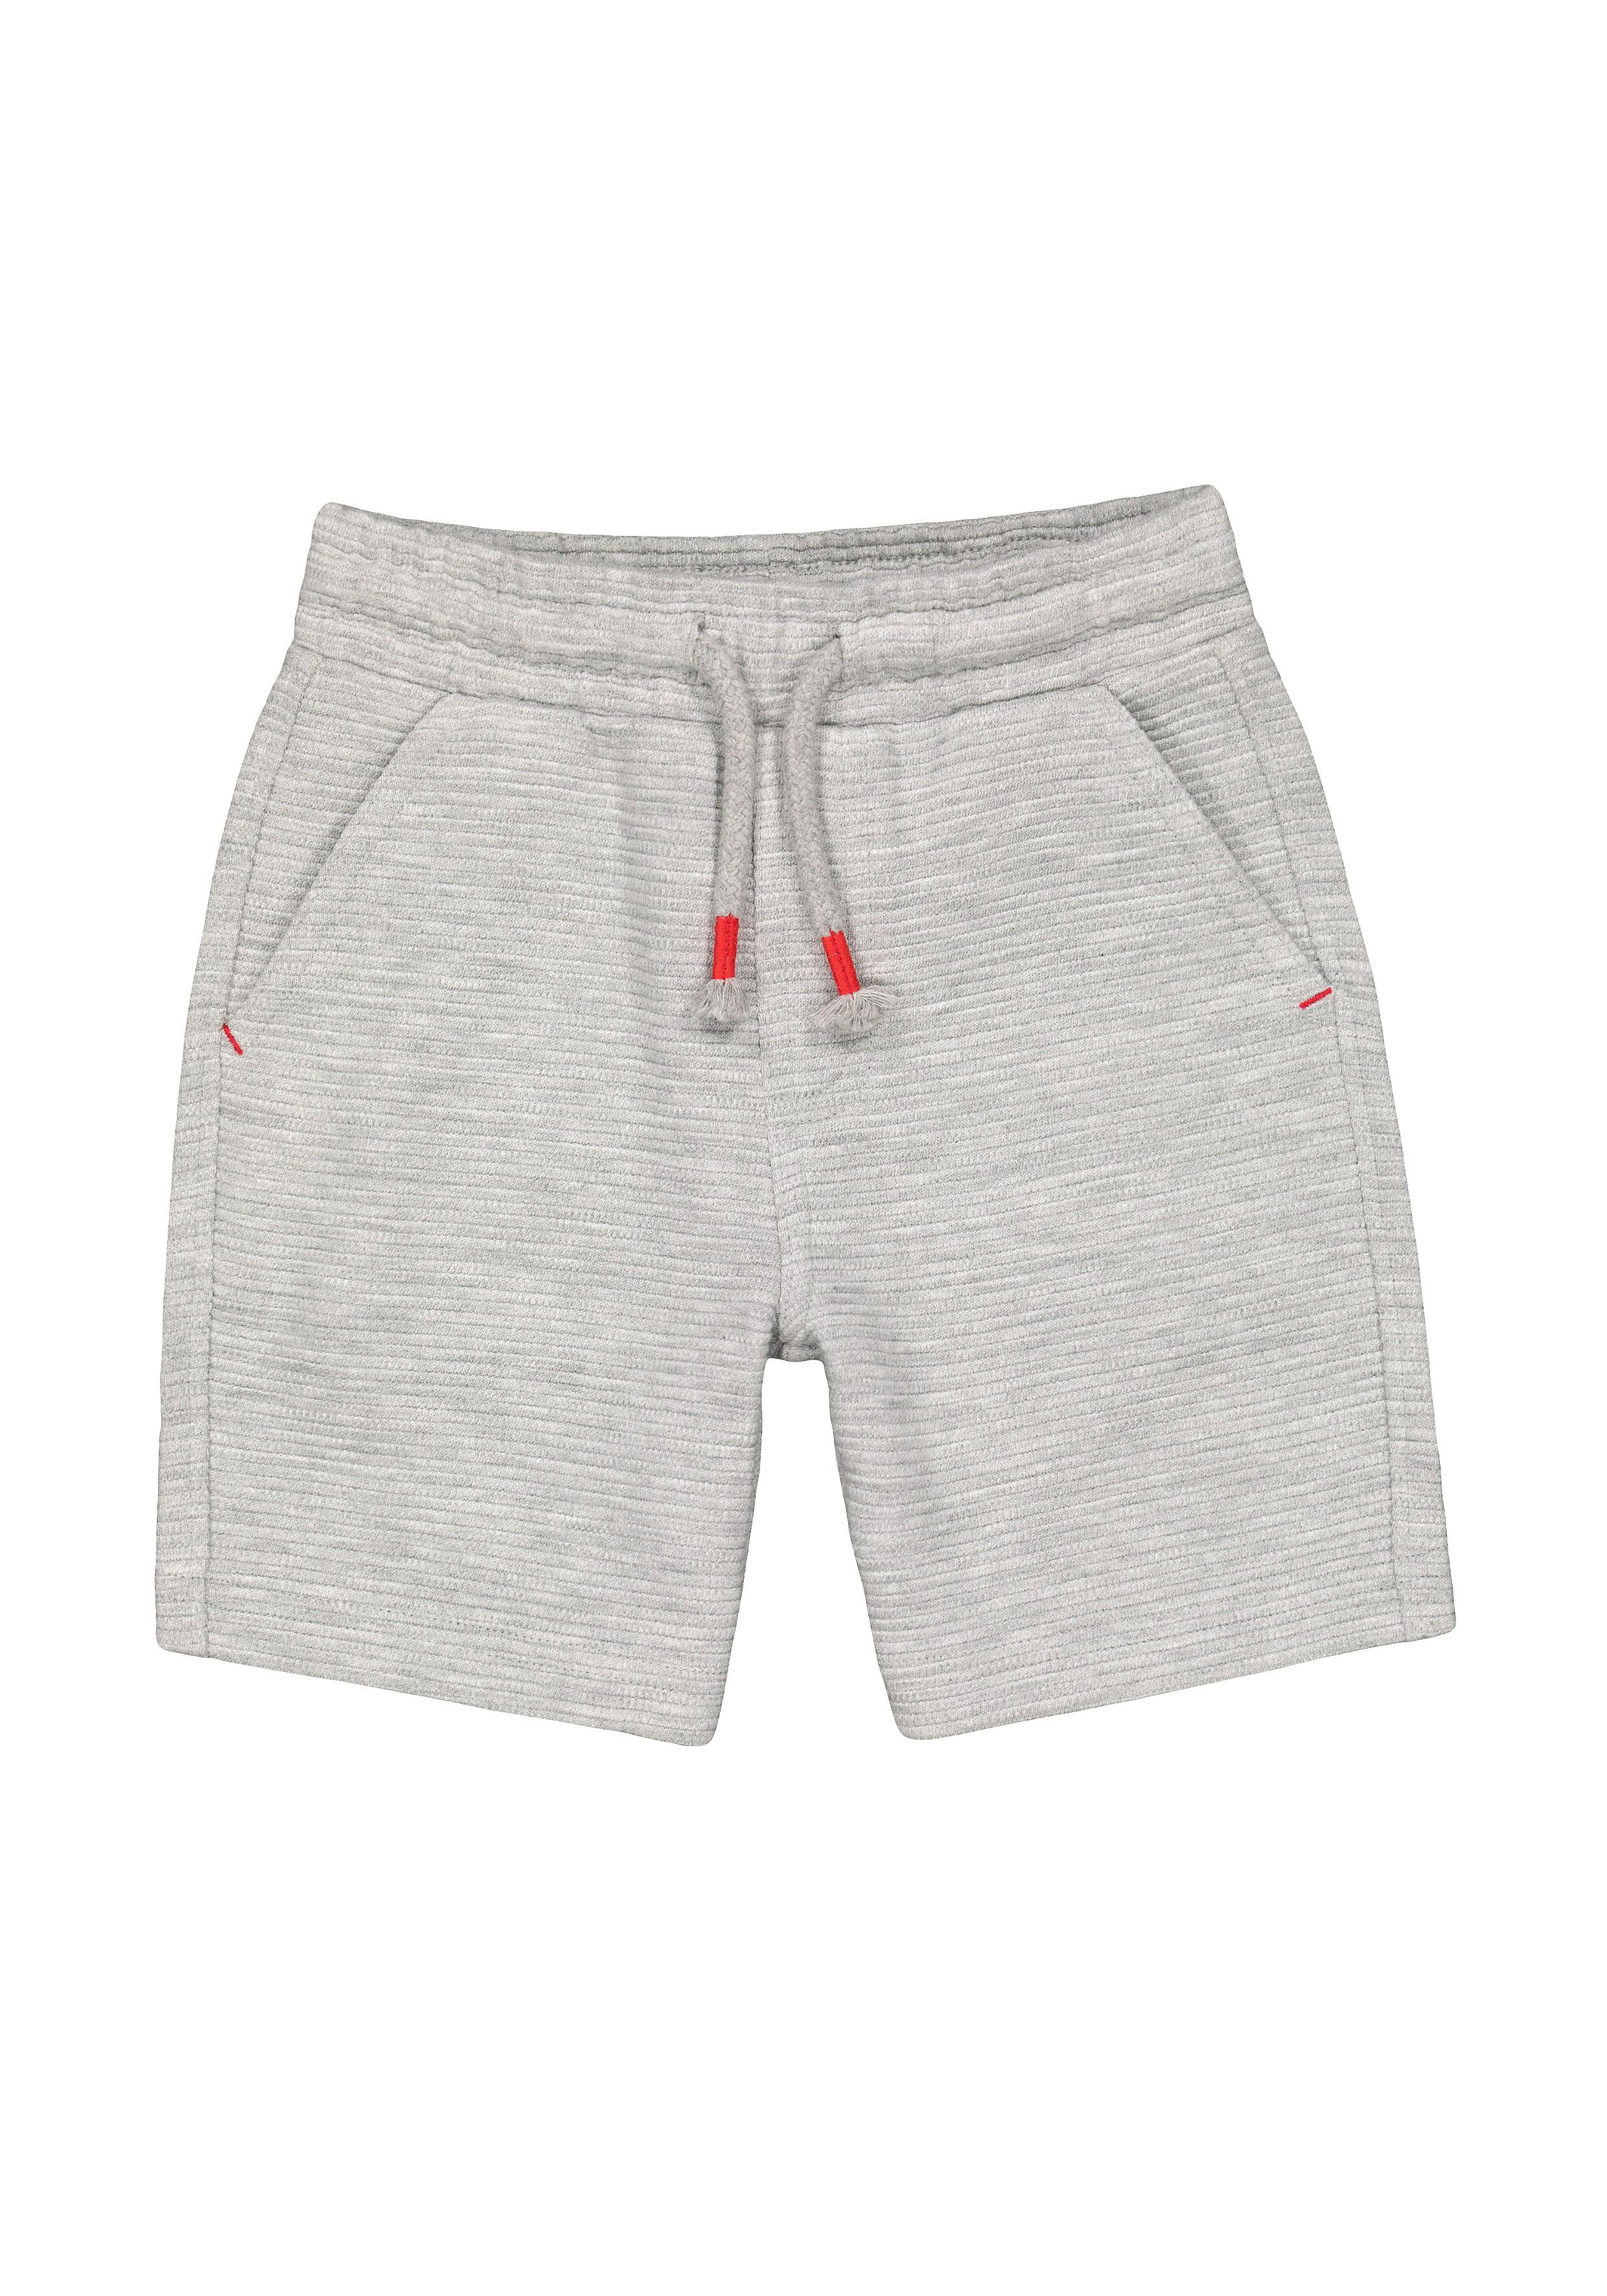 Mothercare   Boys Shorts - Grey